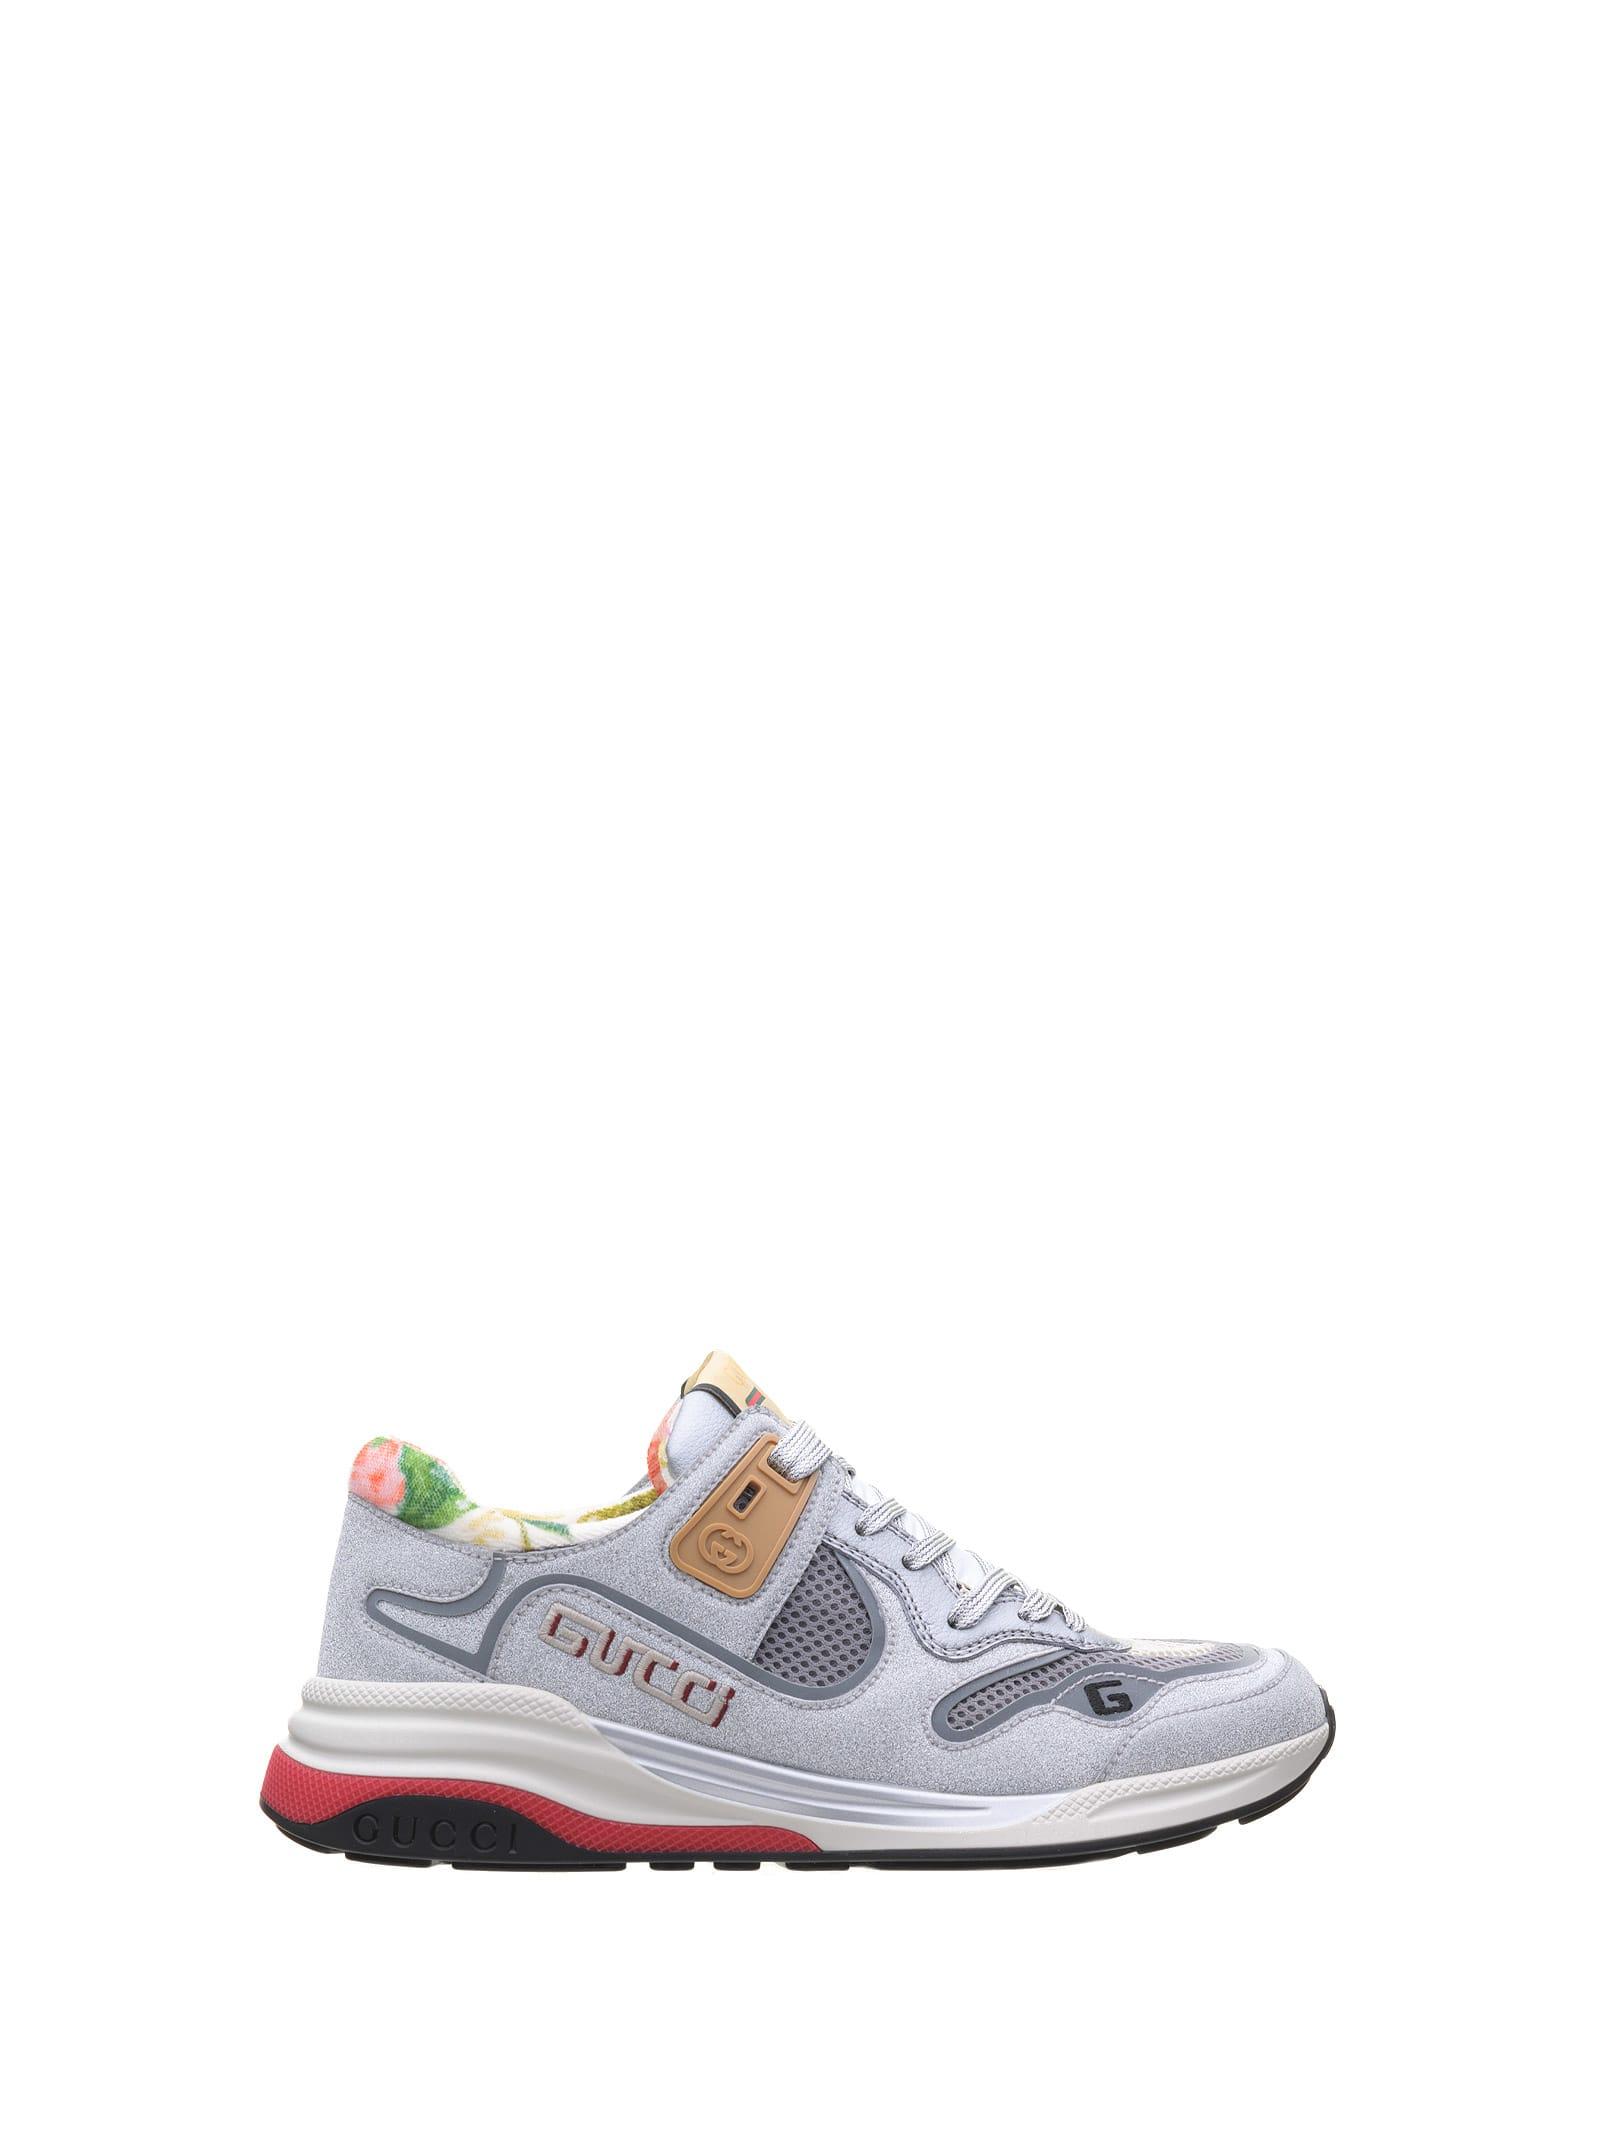 Gucci Gucci Ultrapace Sneaker